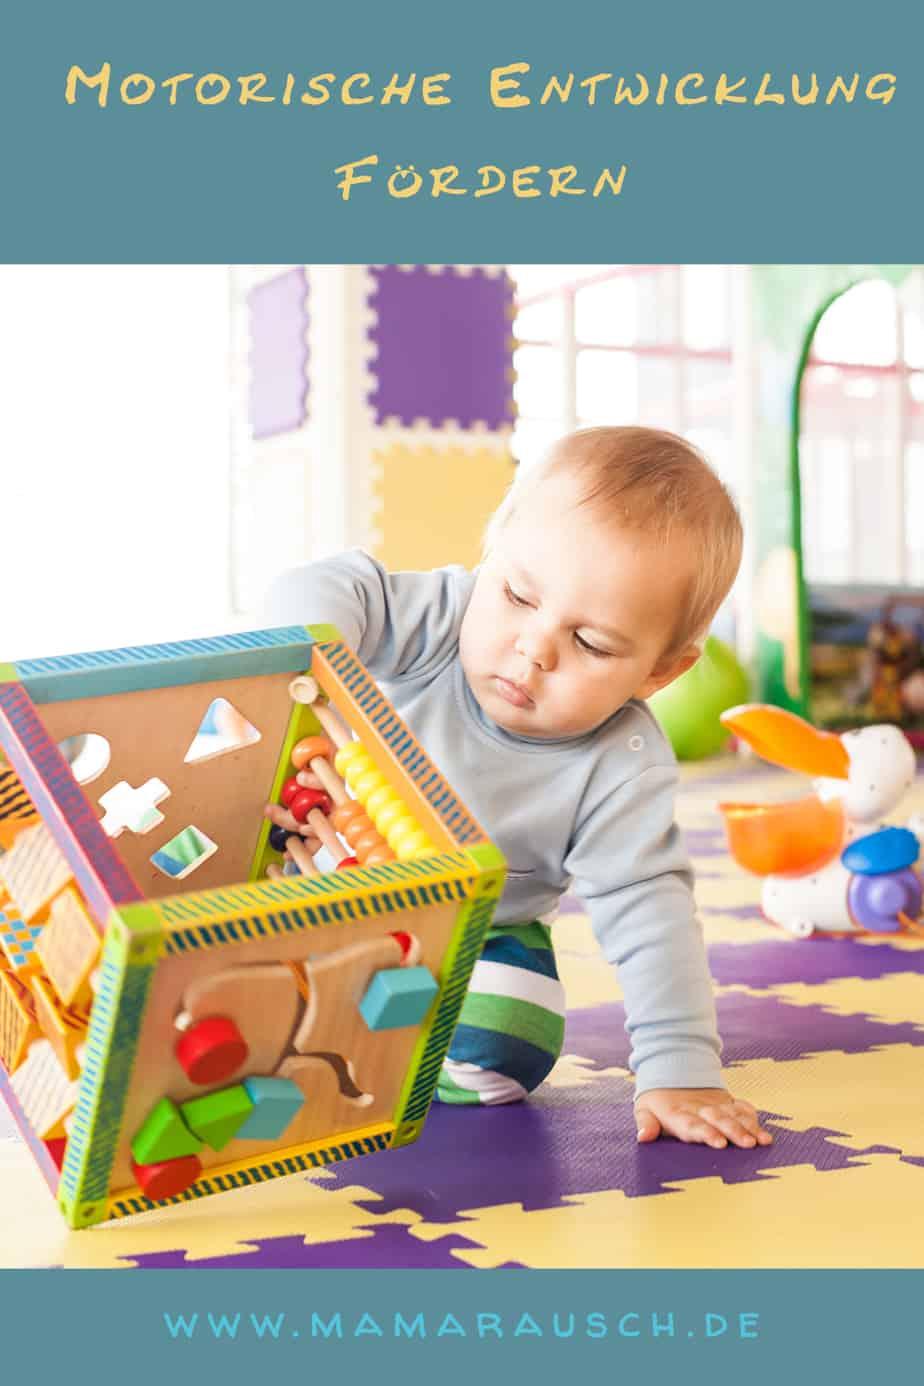 Motorikspielzeug für die motorische Entwicklung Tabelle Motorische Entwicklung von Babys und Kleinkindern fördern mit Motorikspielzeug. Eine Auswahl an Tipps und Empfehlungen, um die Feinmotorik spielerisch zu fördern und eine Tabelle zur motorischen Entwicklung gibt es hier.